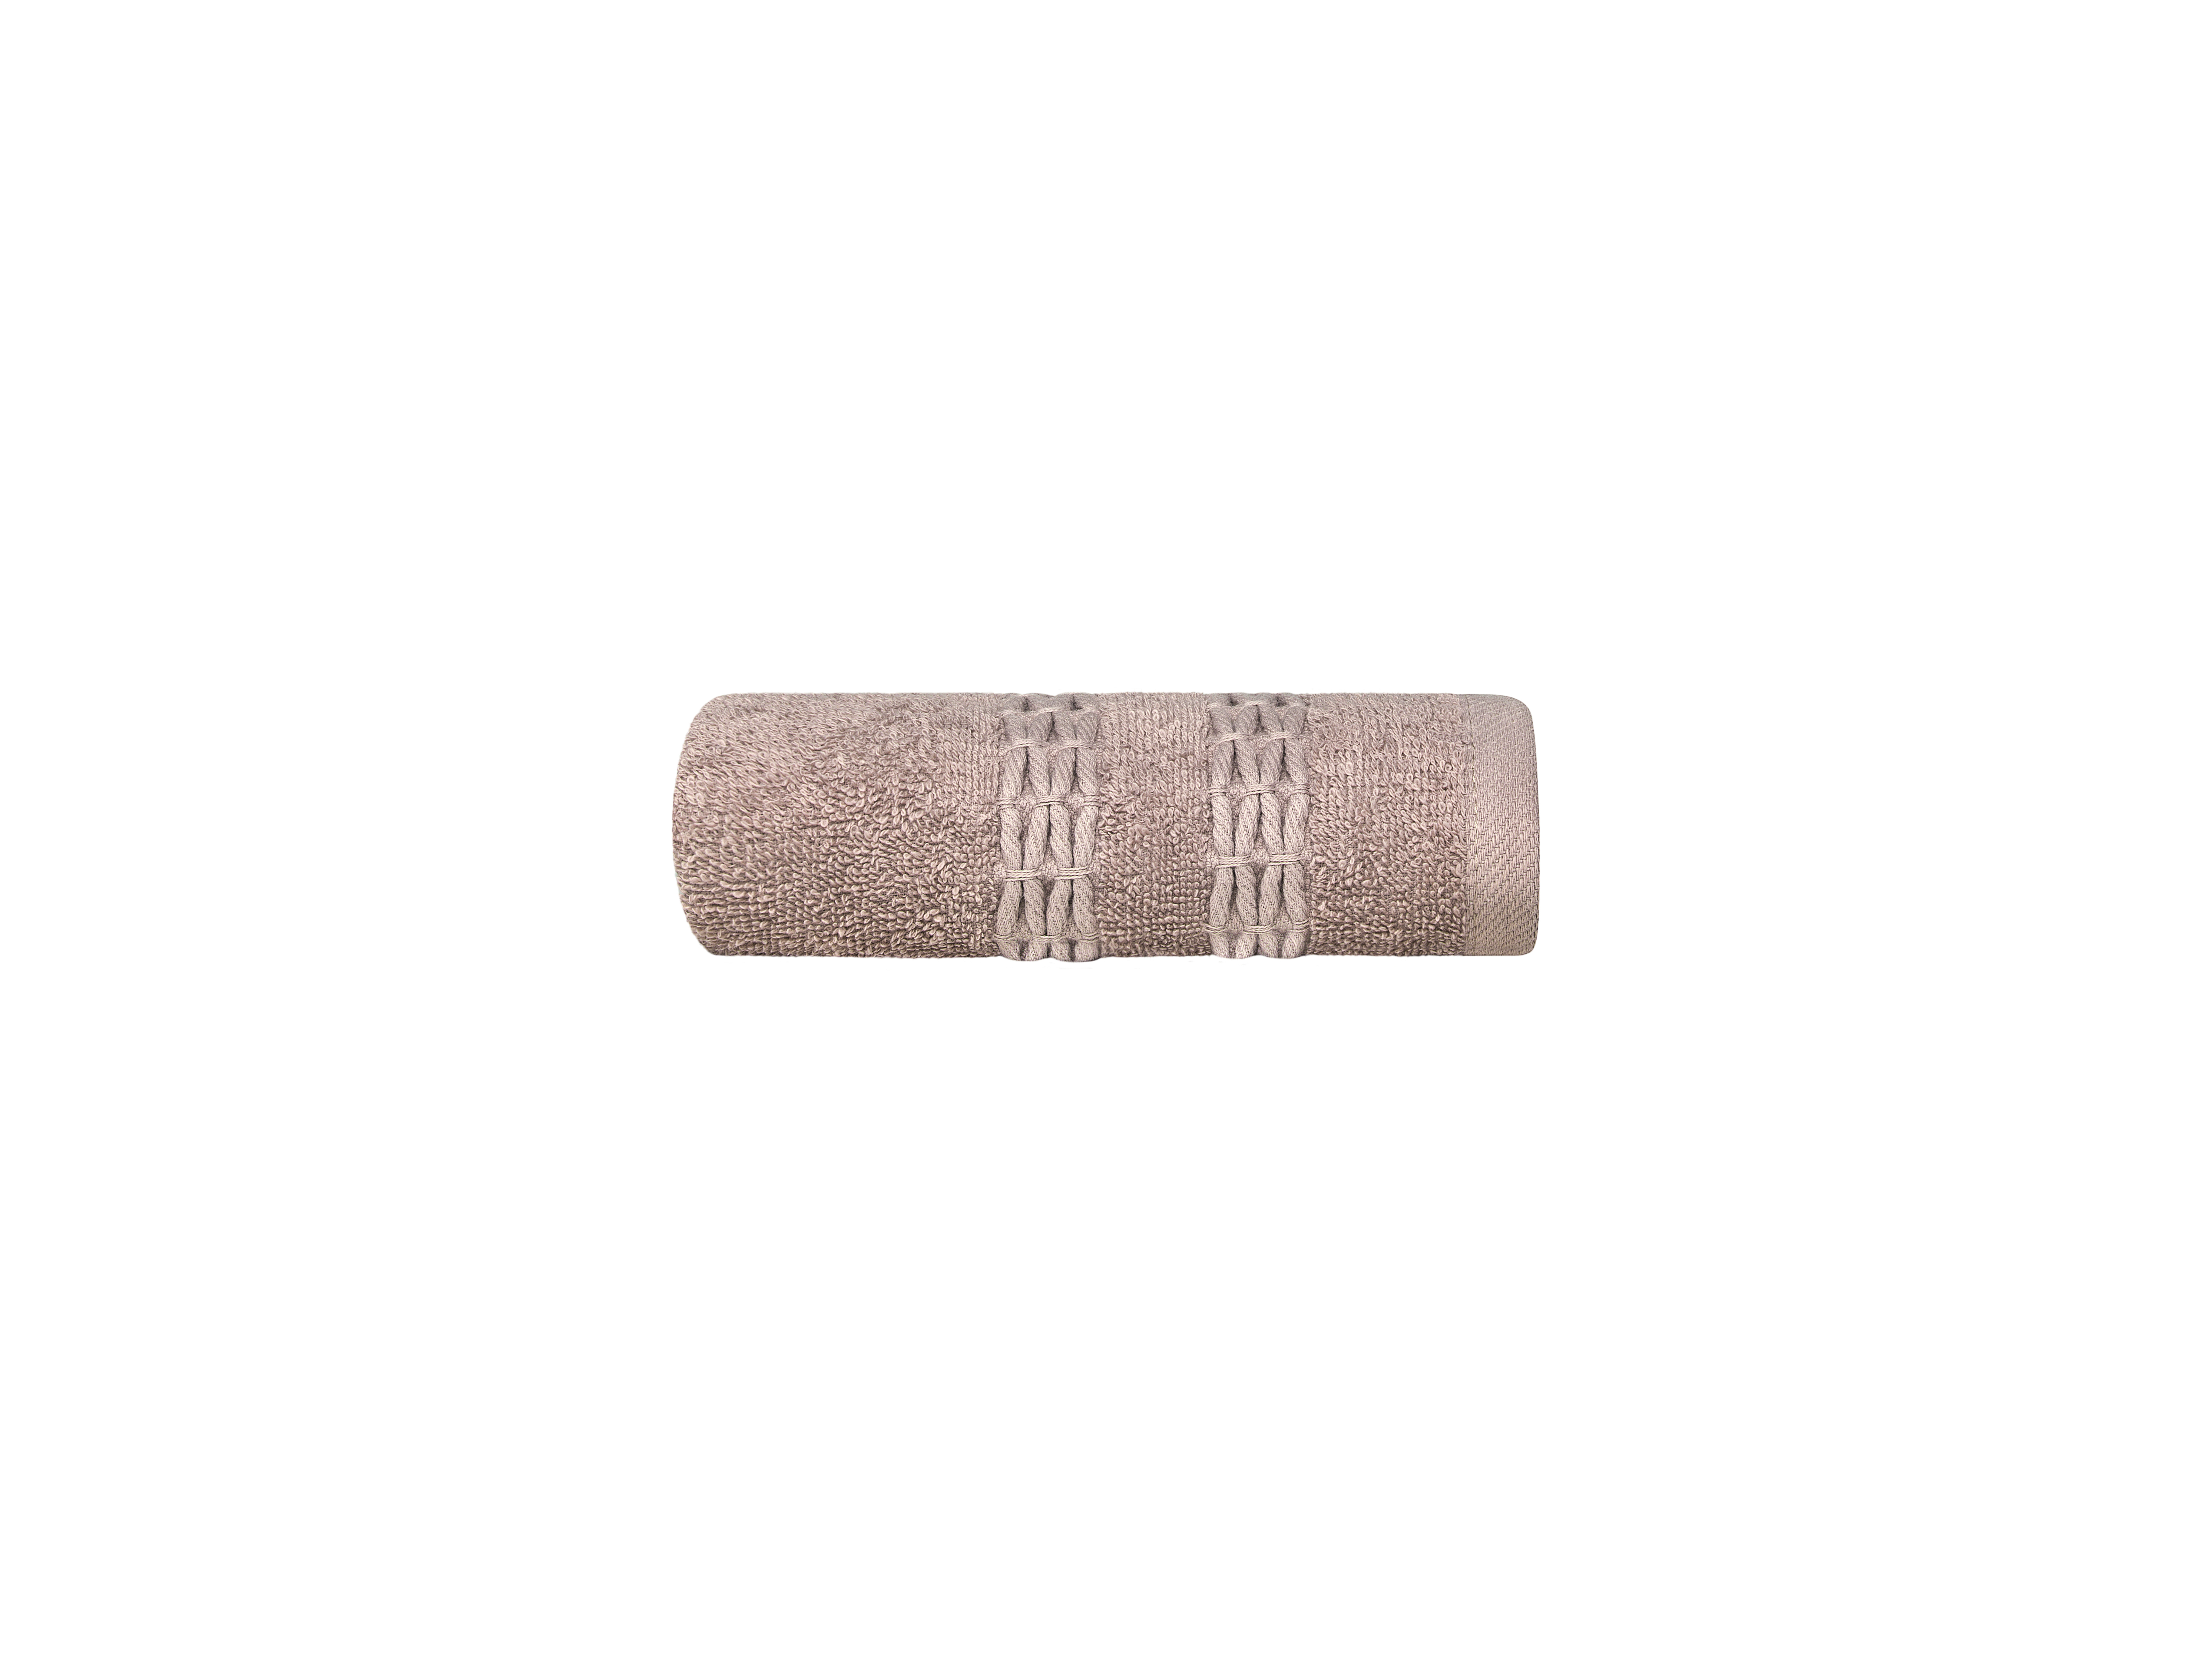 Купить Полотенца ESTIA, Полотенце Филоменто Цвет: Бежевый (40х60 см), Греция, Махра